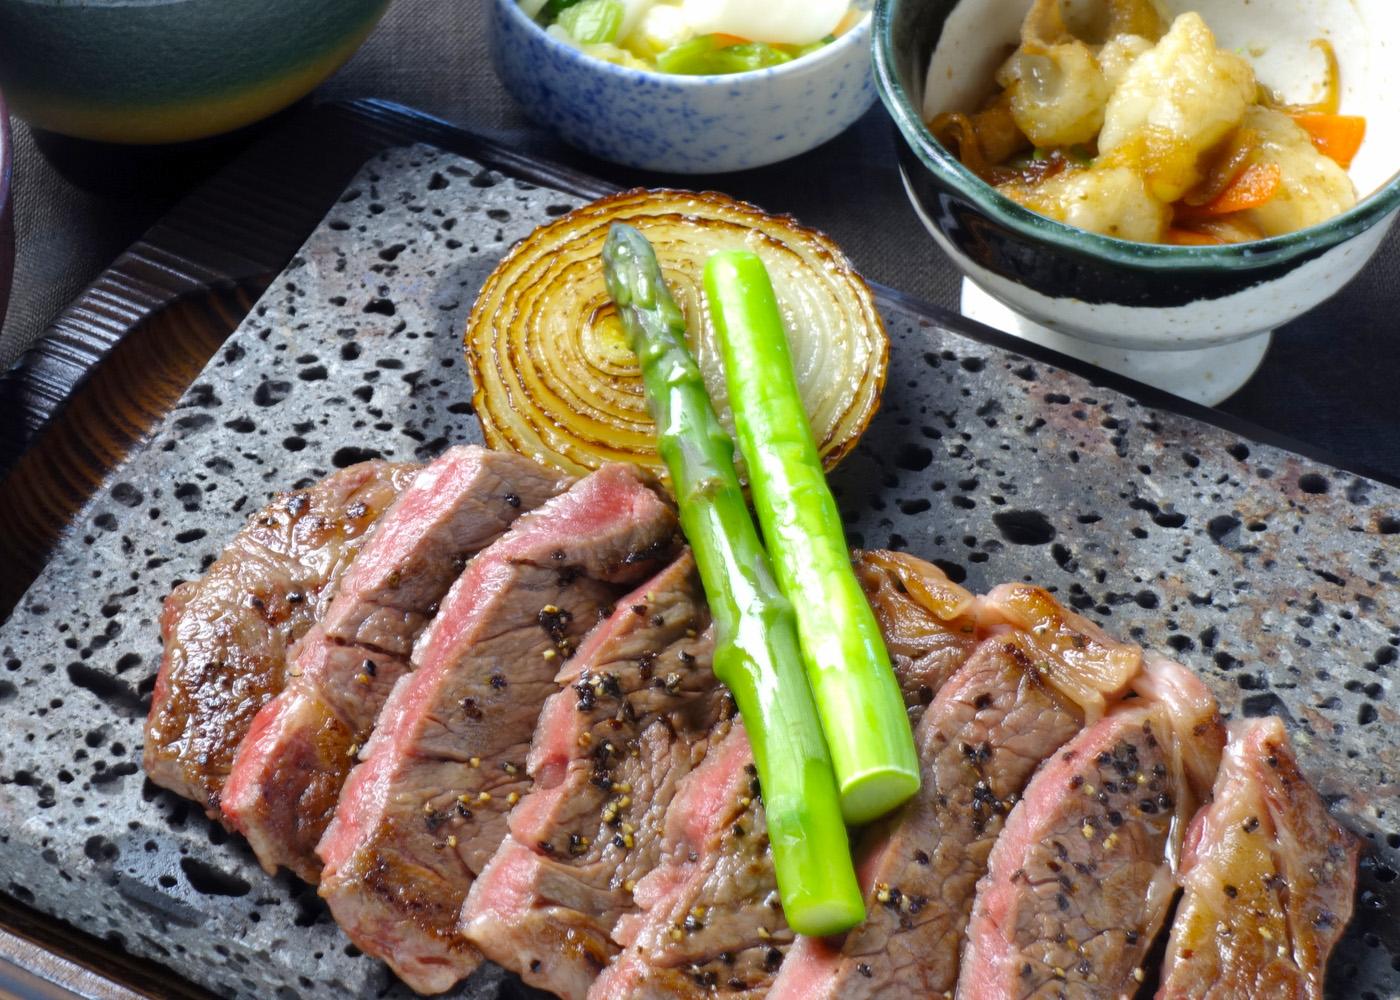 熟成肉の溶岩プレート焼き 1,500円(税別)